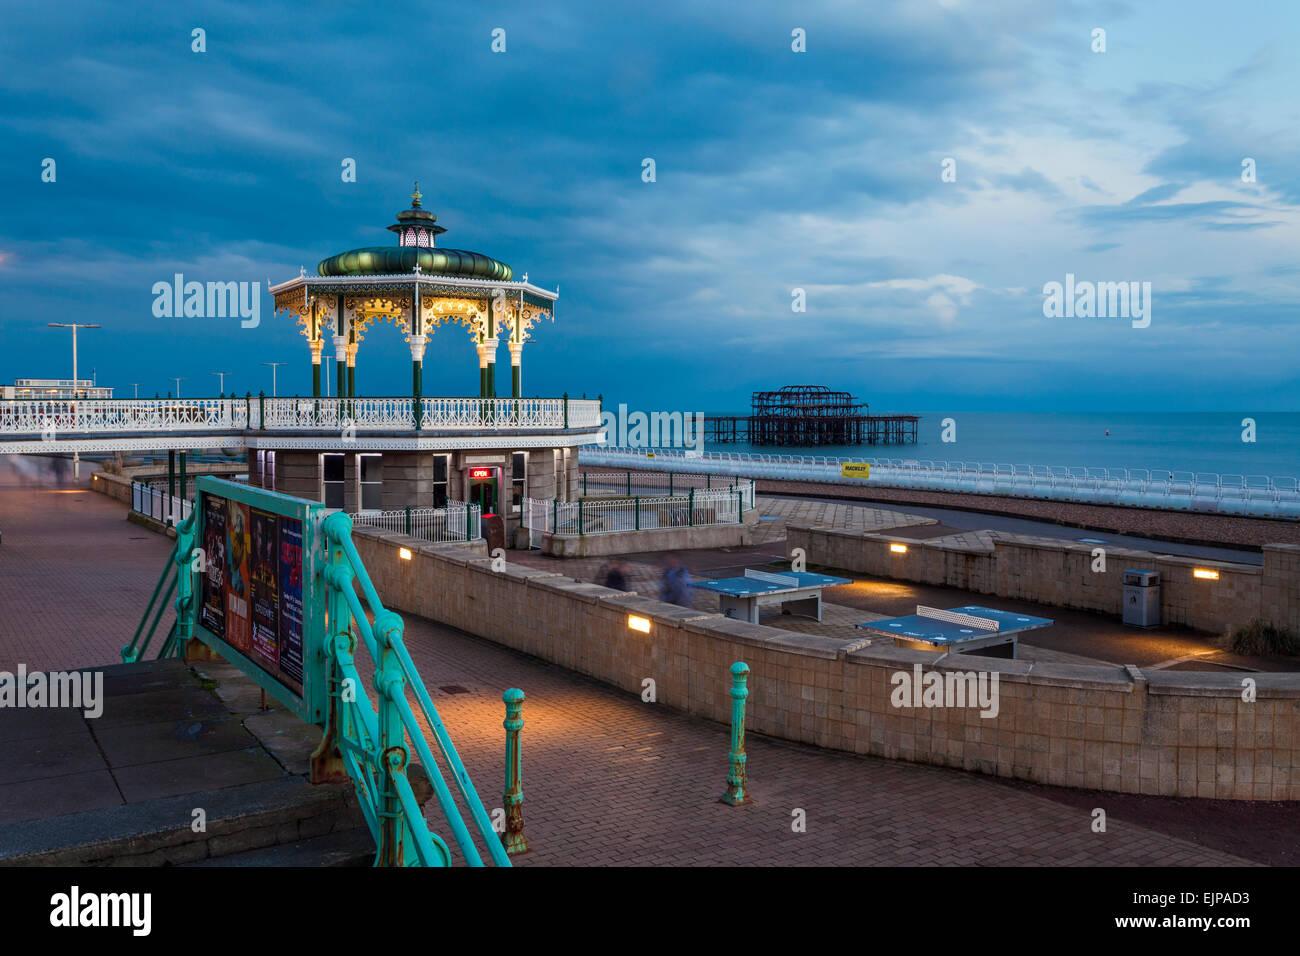 Soir sur le front de mer de Brighton, East Sussex, Angleterre. Photo Stock